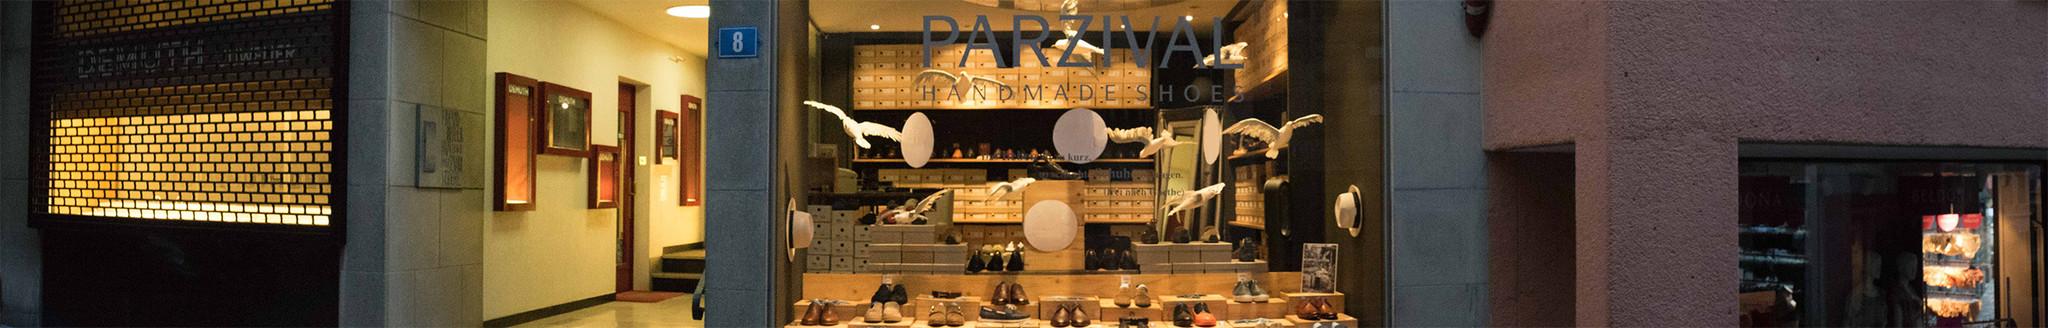 Schaufenster des Geschäfts Parzival Shoes in Zürich